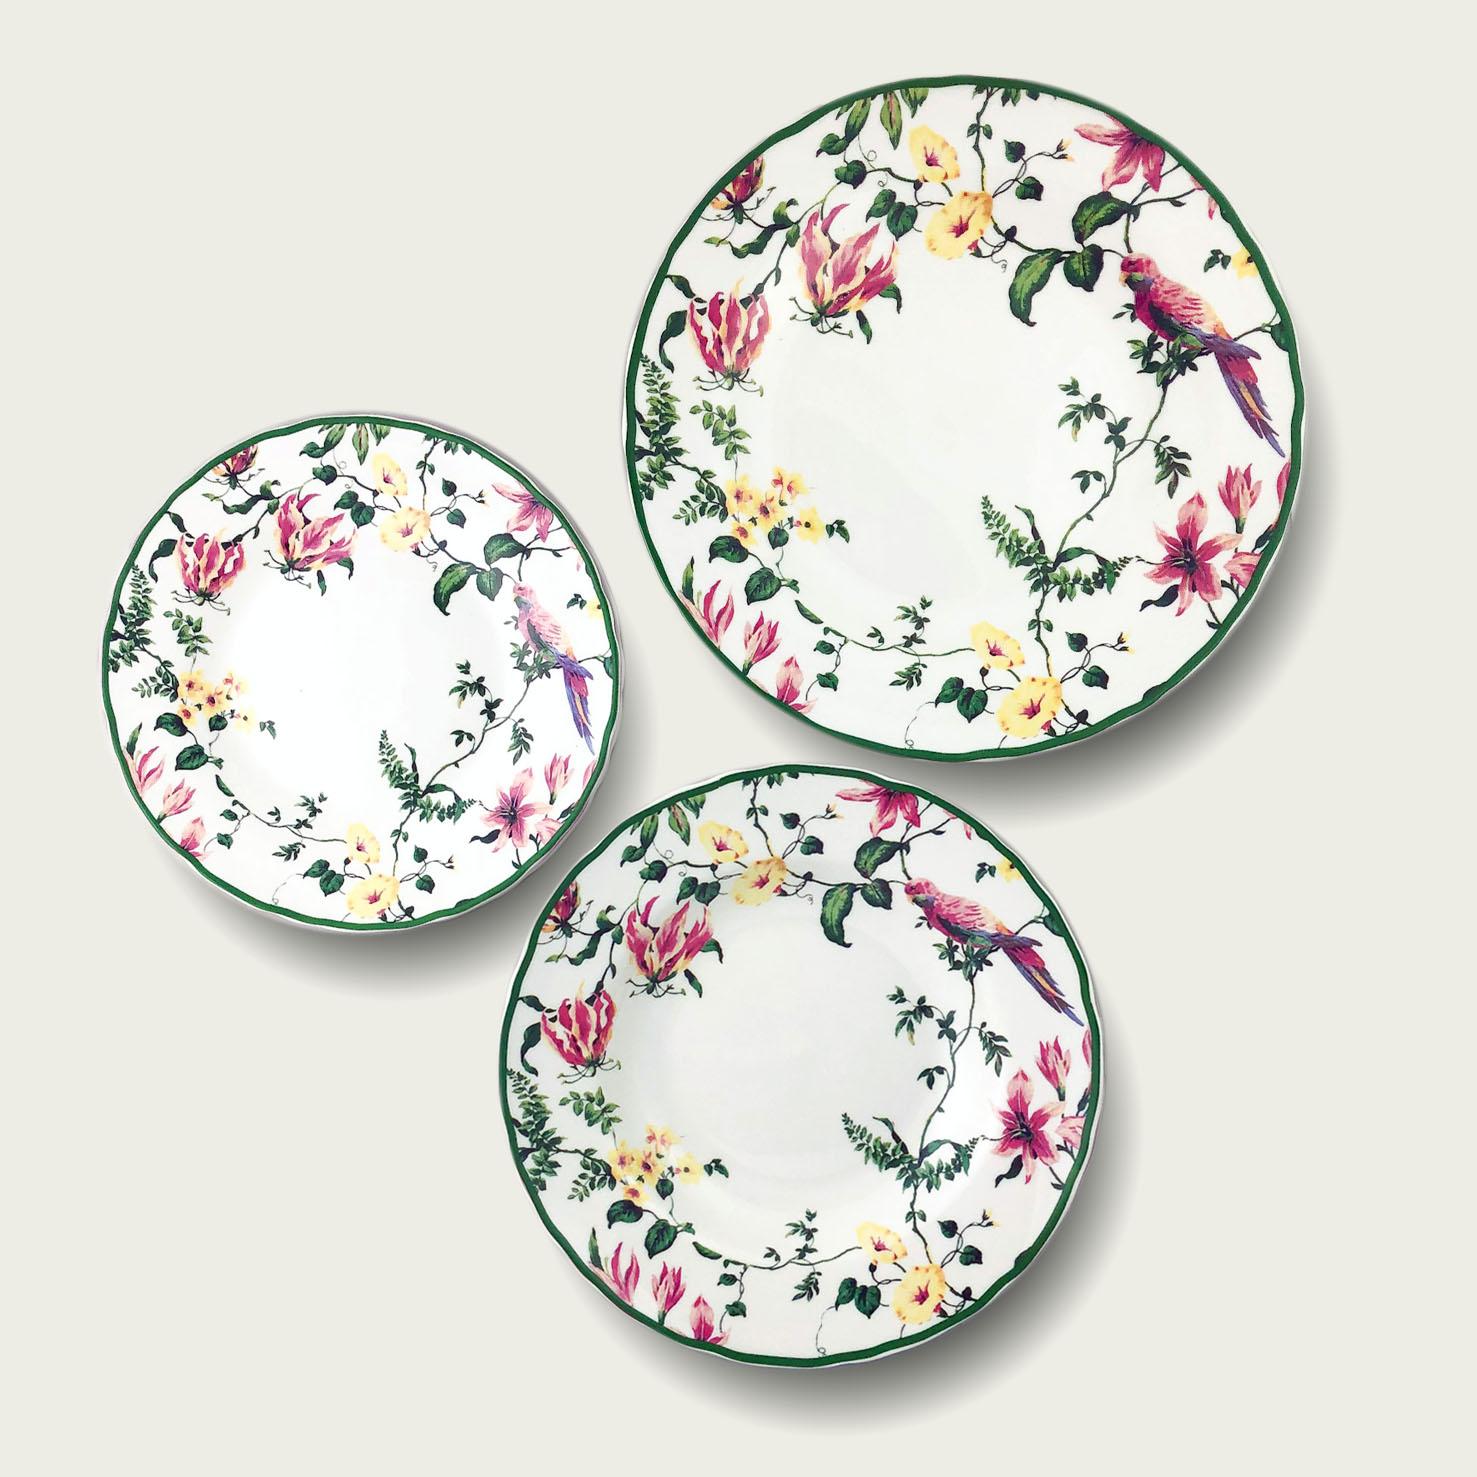 Piatto in porcellana - forma tradizionale - fiori colorati